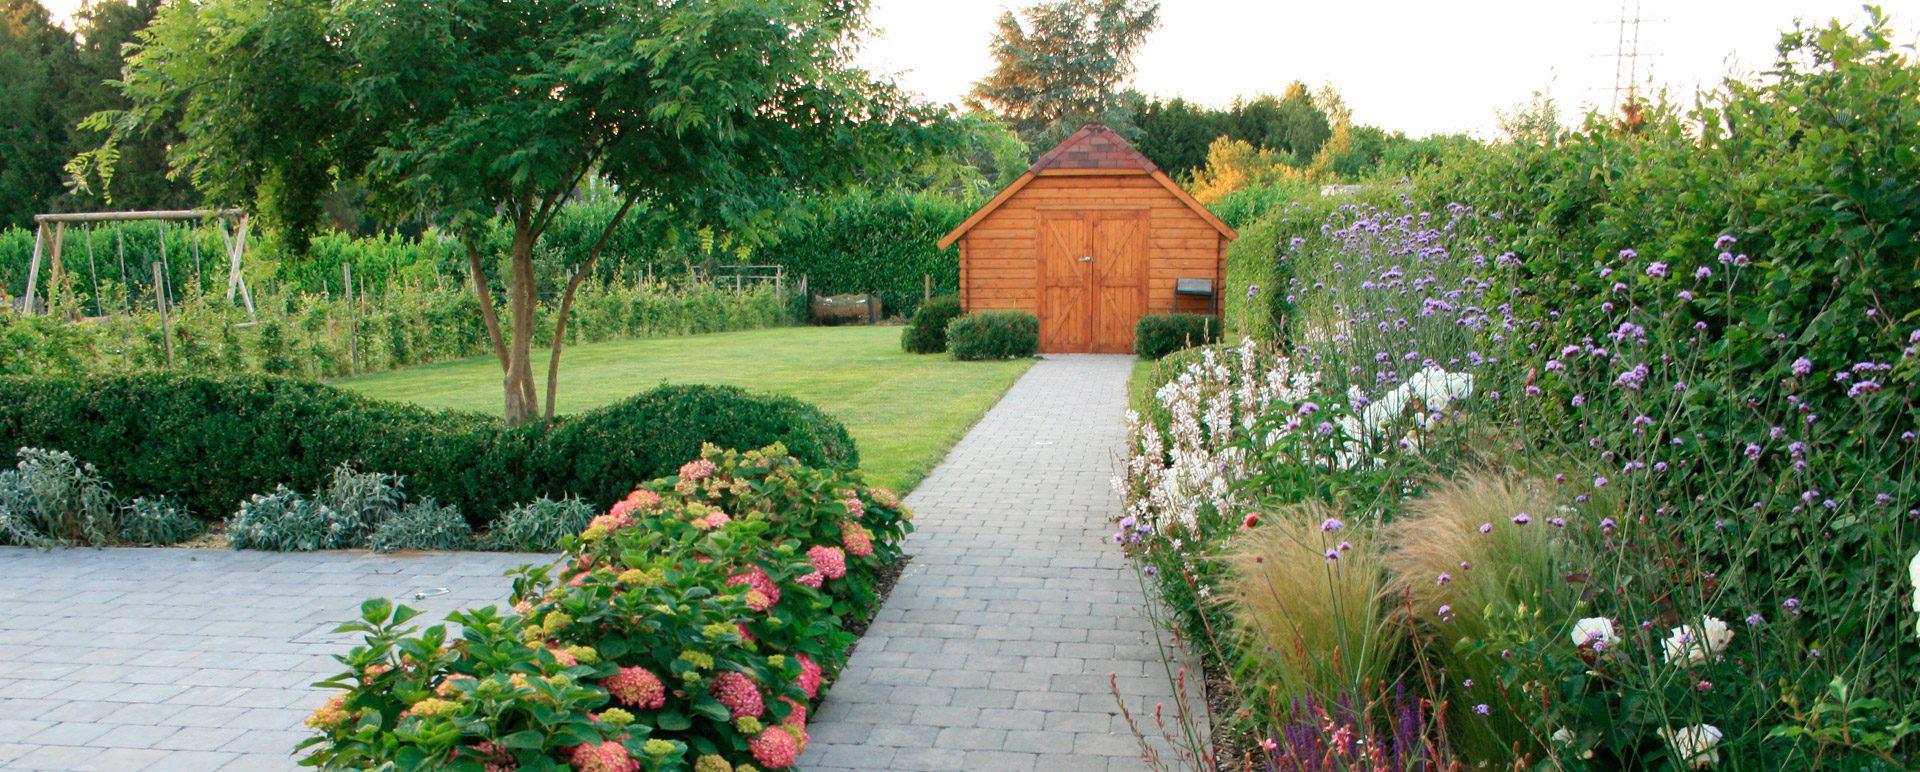 Klassieke tuinen - Tuinconcept Mertens